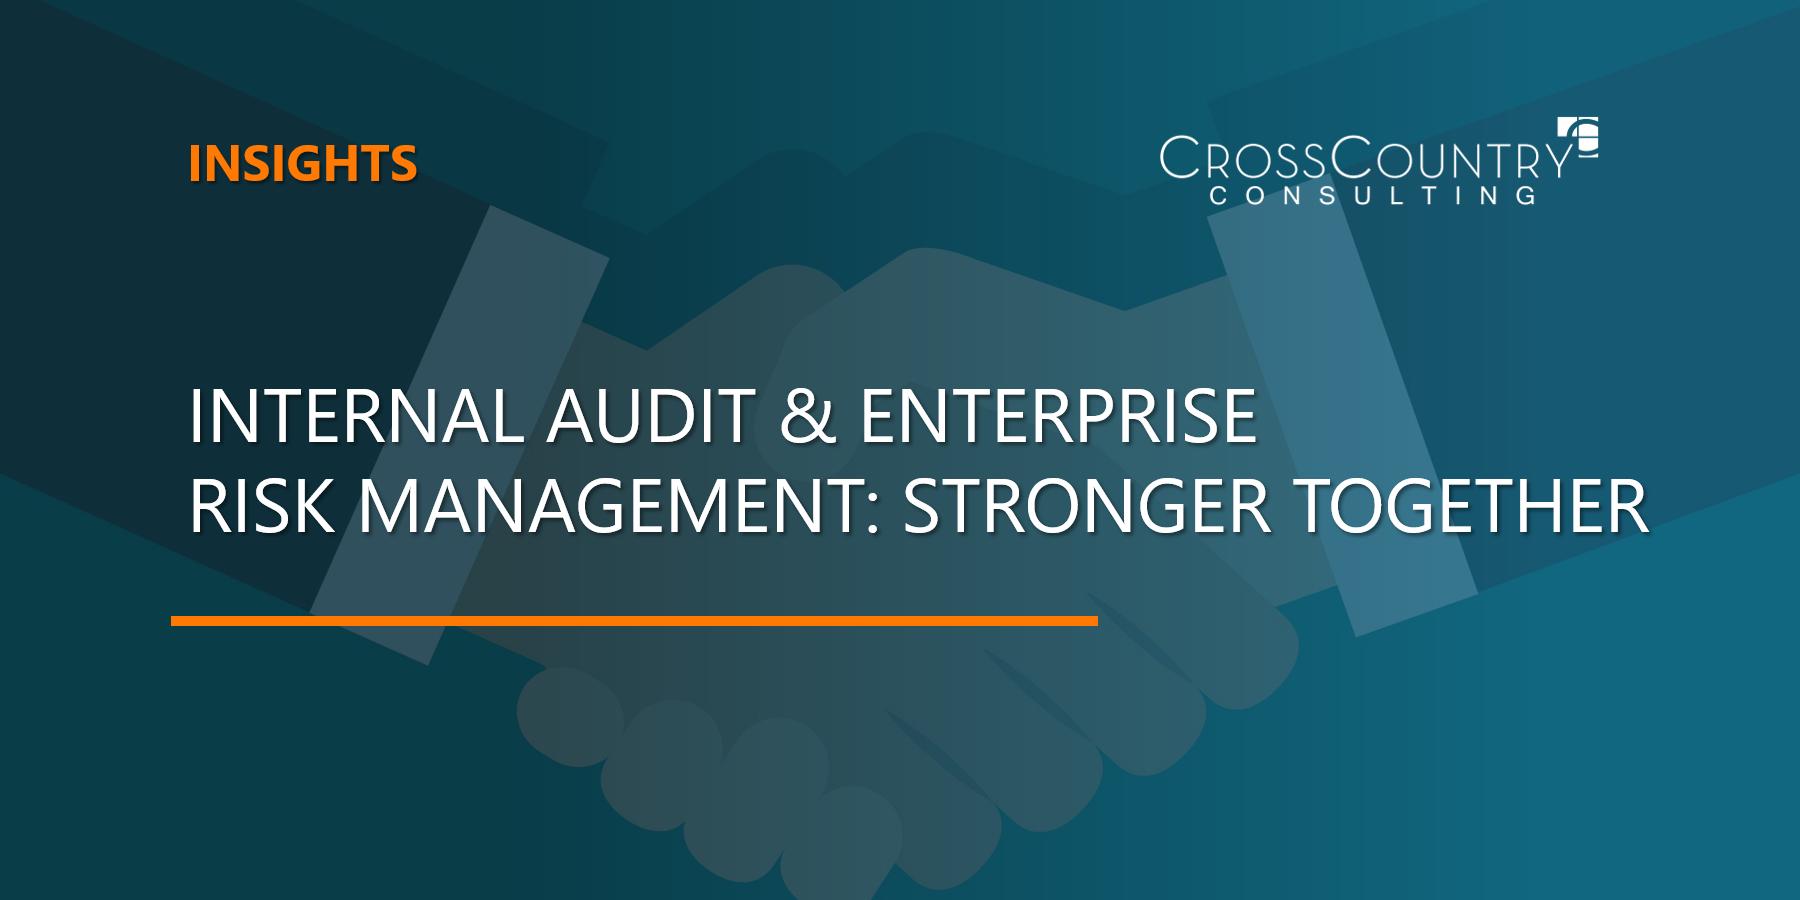 Internal Audit & Enterprise Risk Management: Stronger Together